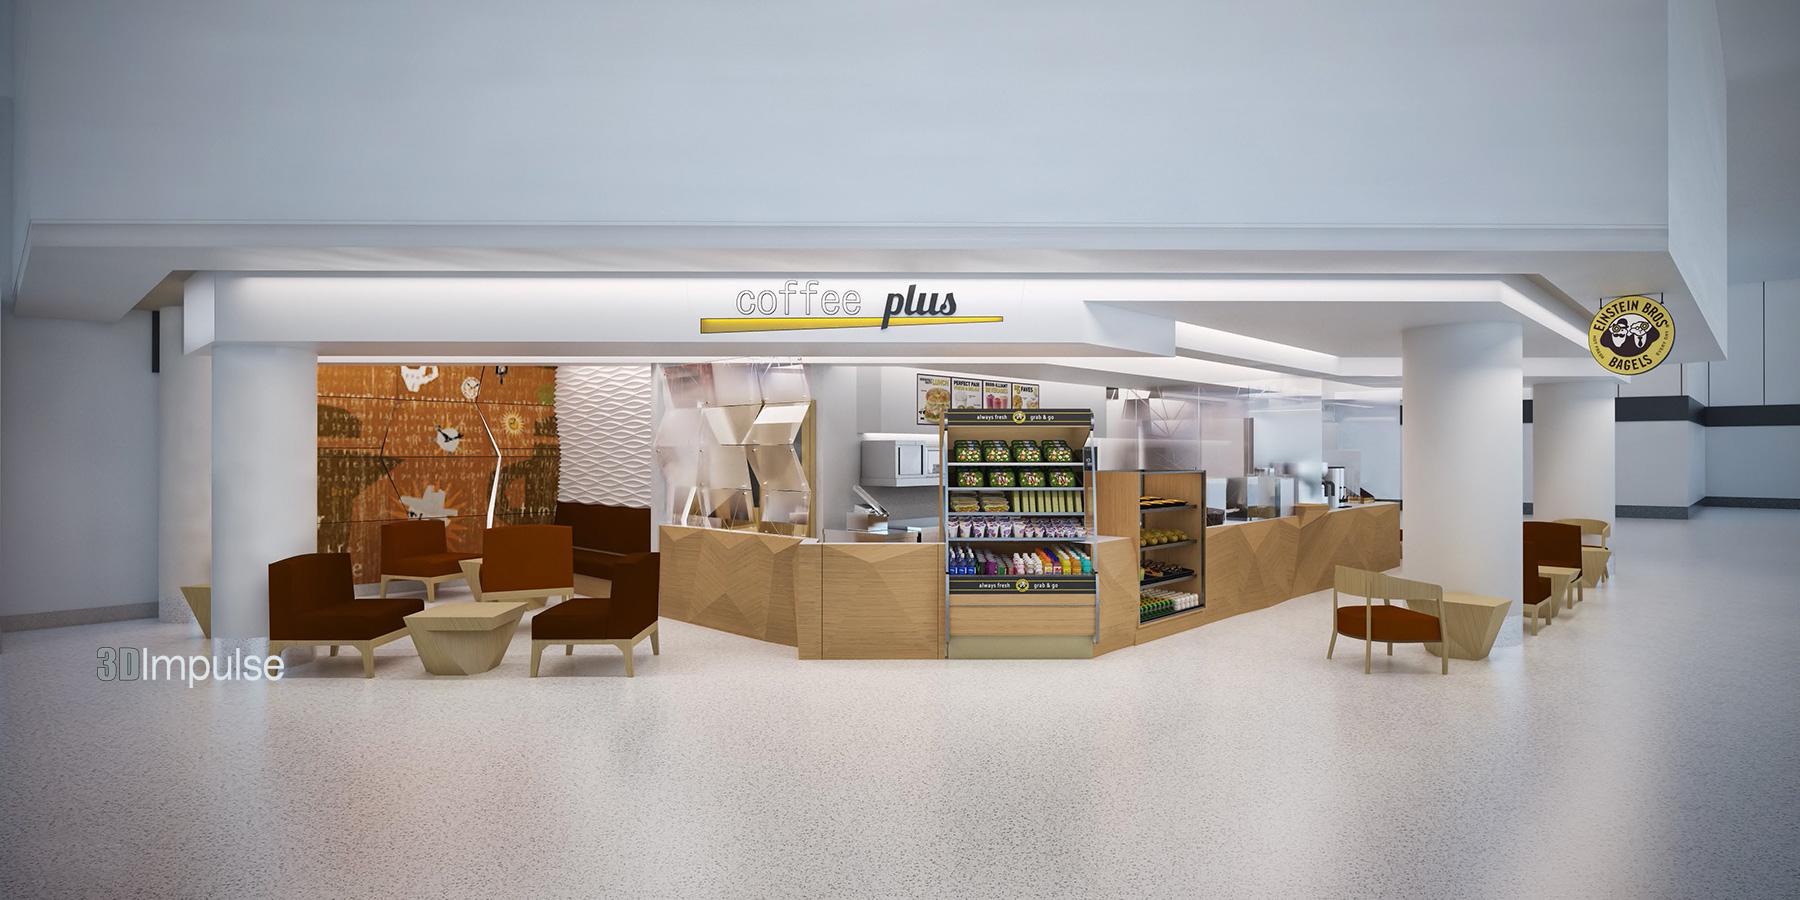 Airport-Restaurant-Einstein-Coffee-Plus-SFO